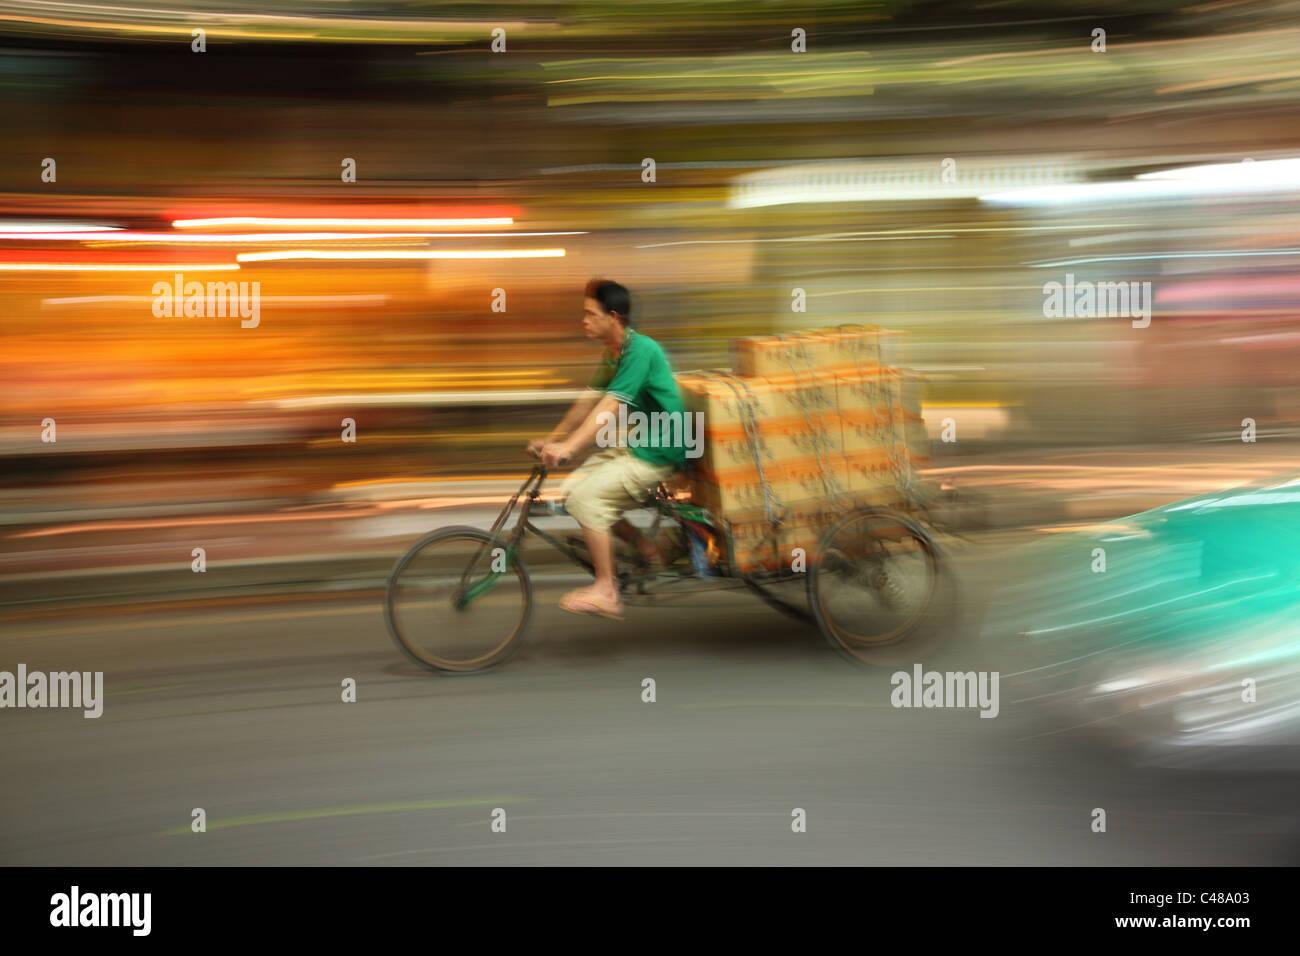 Unscharfe Bewegungsaufnahme der Rikscha, Guangzhou, China Stockbild